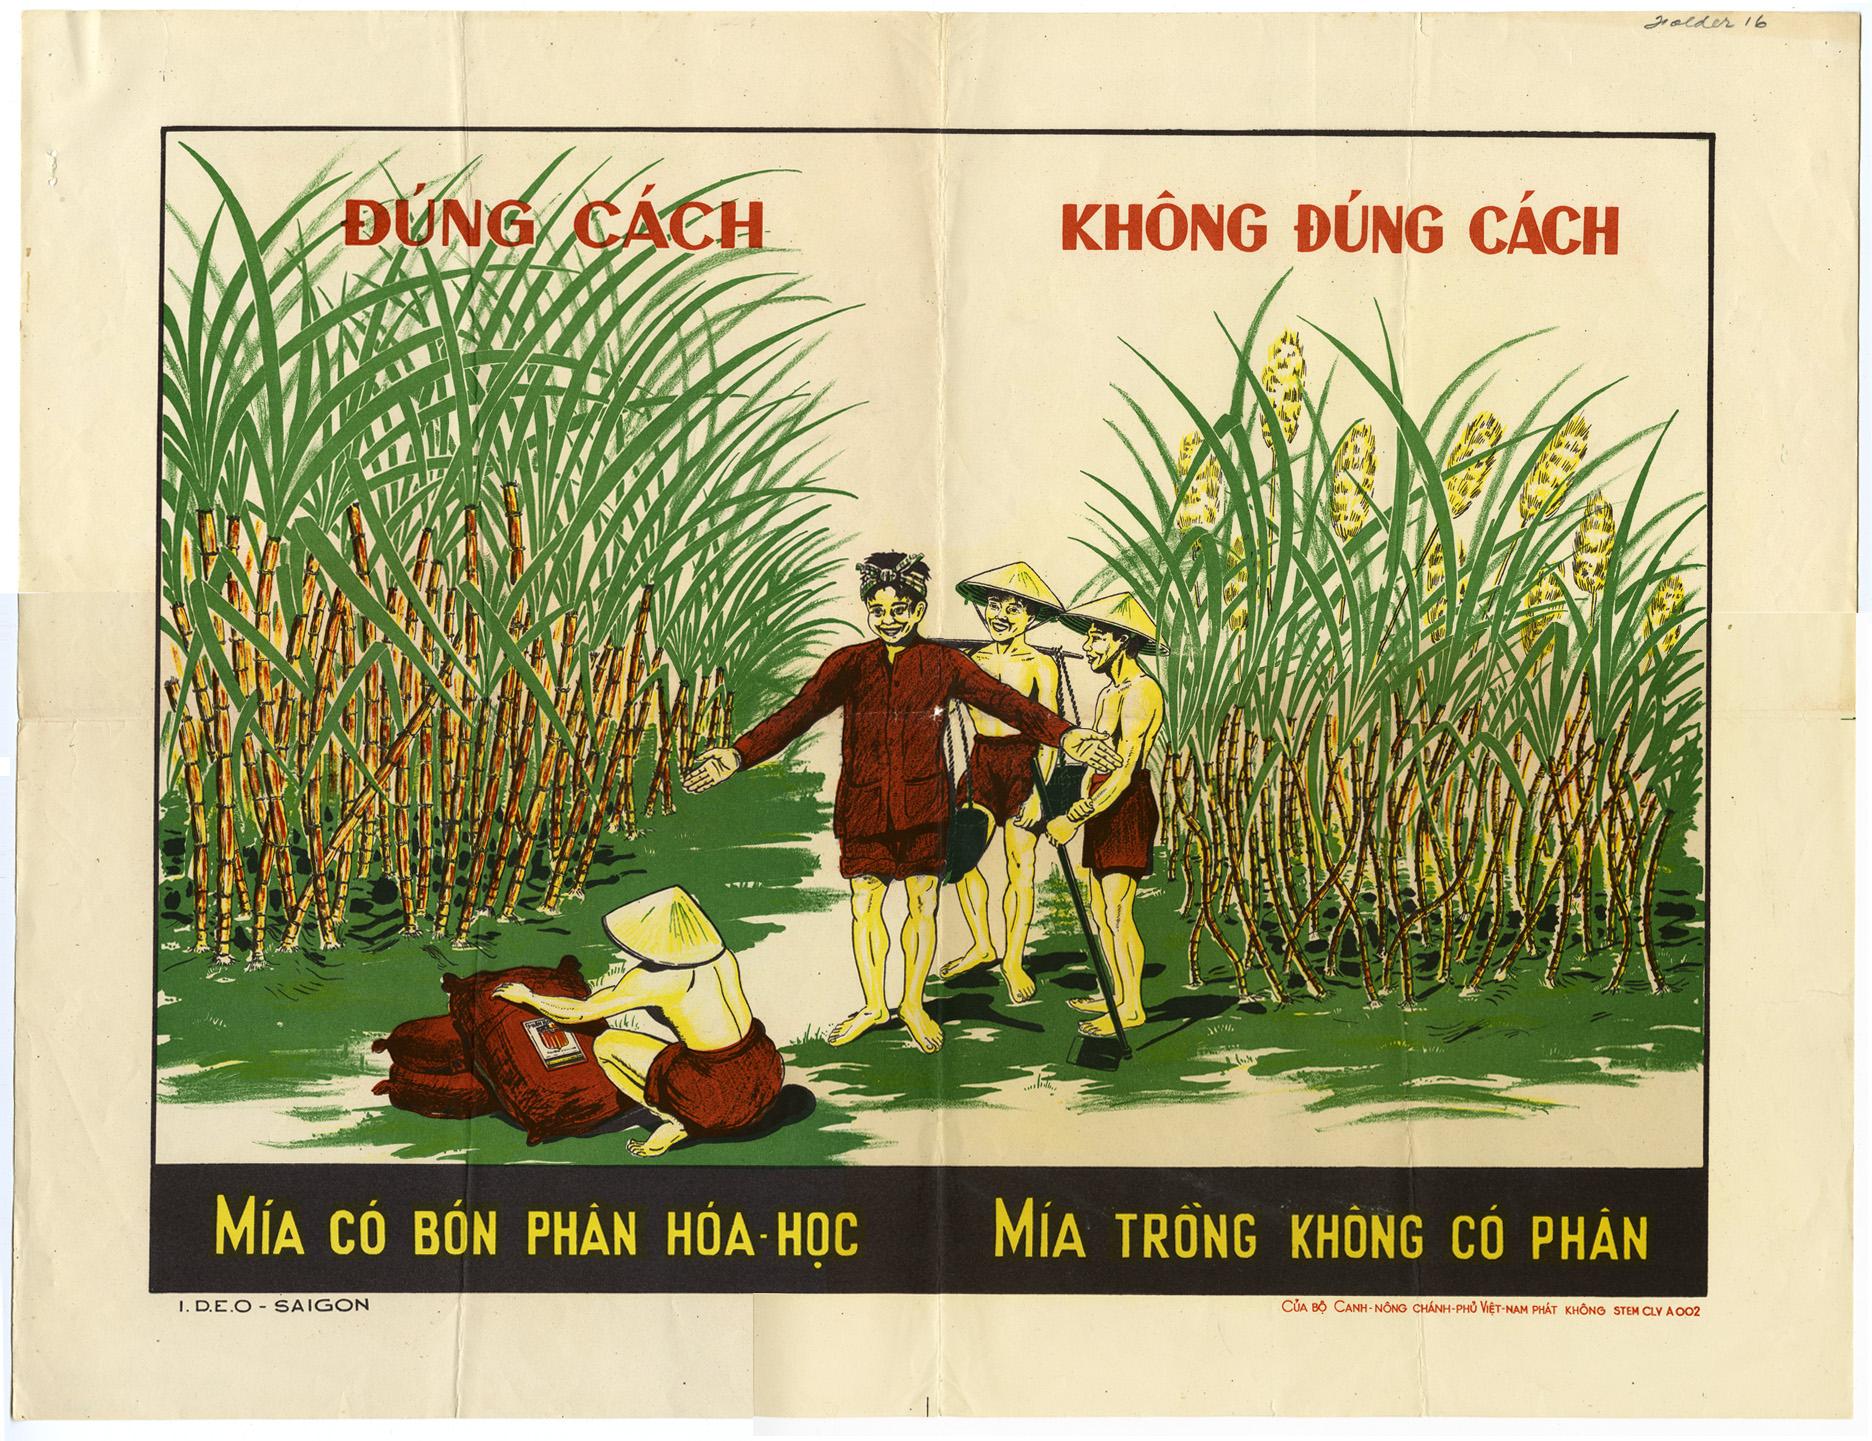 Fertilizing instructional poster, undated